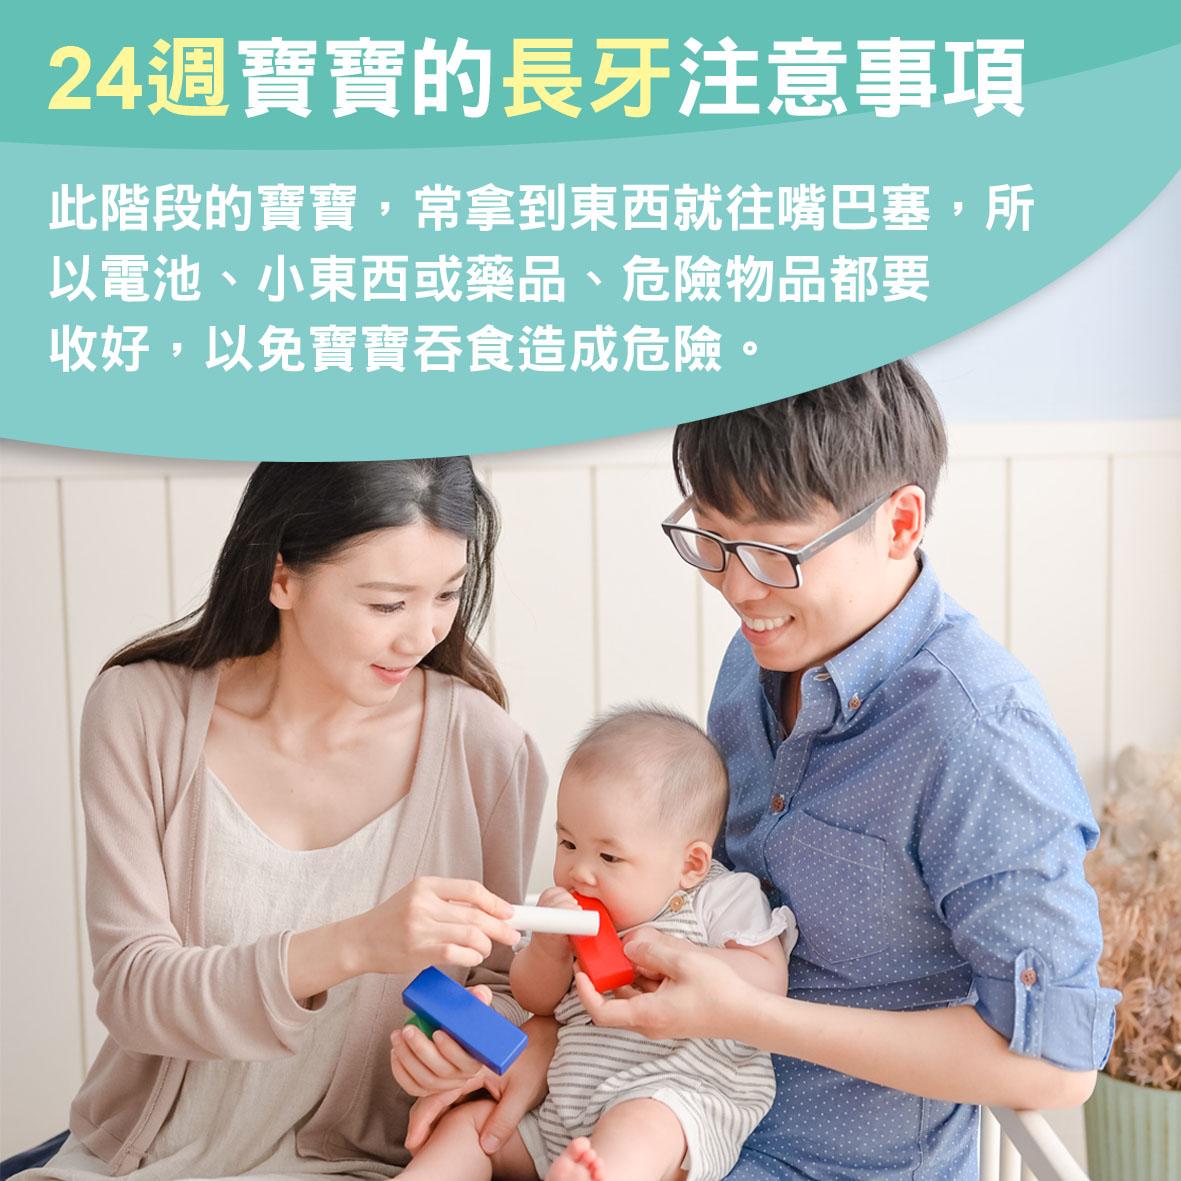 寶寶篇第24週-24週寶寶的長牙注意事項